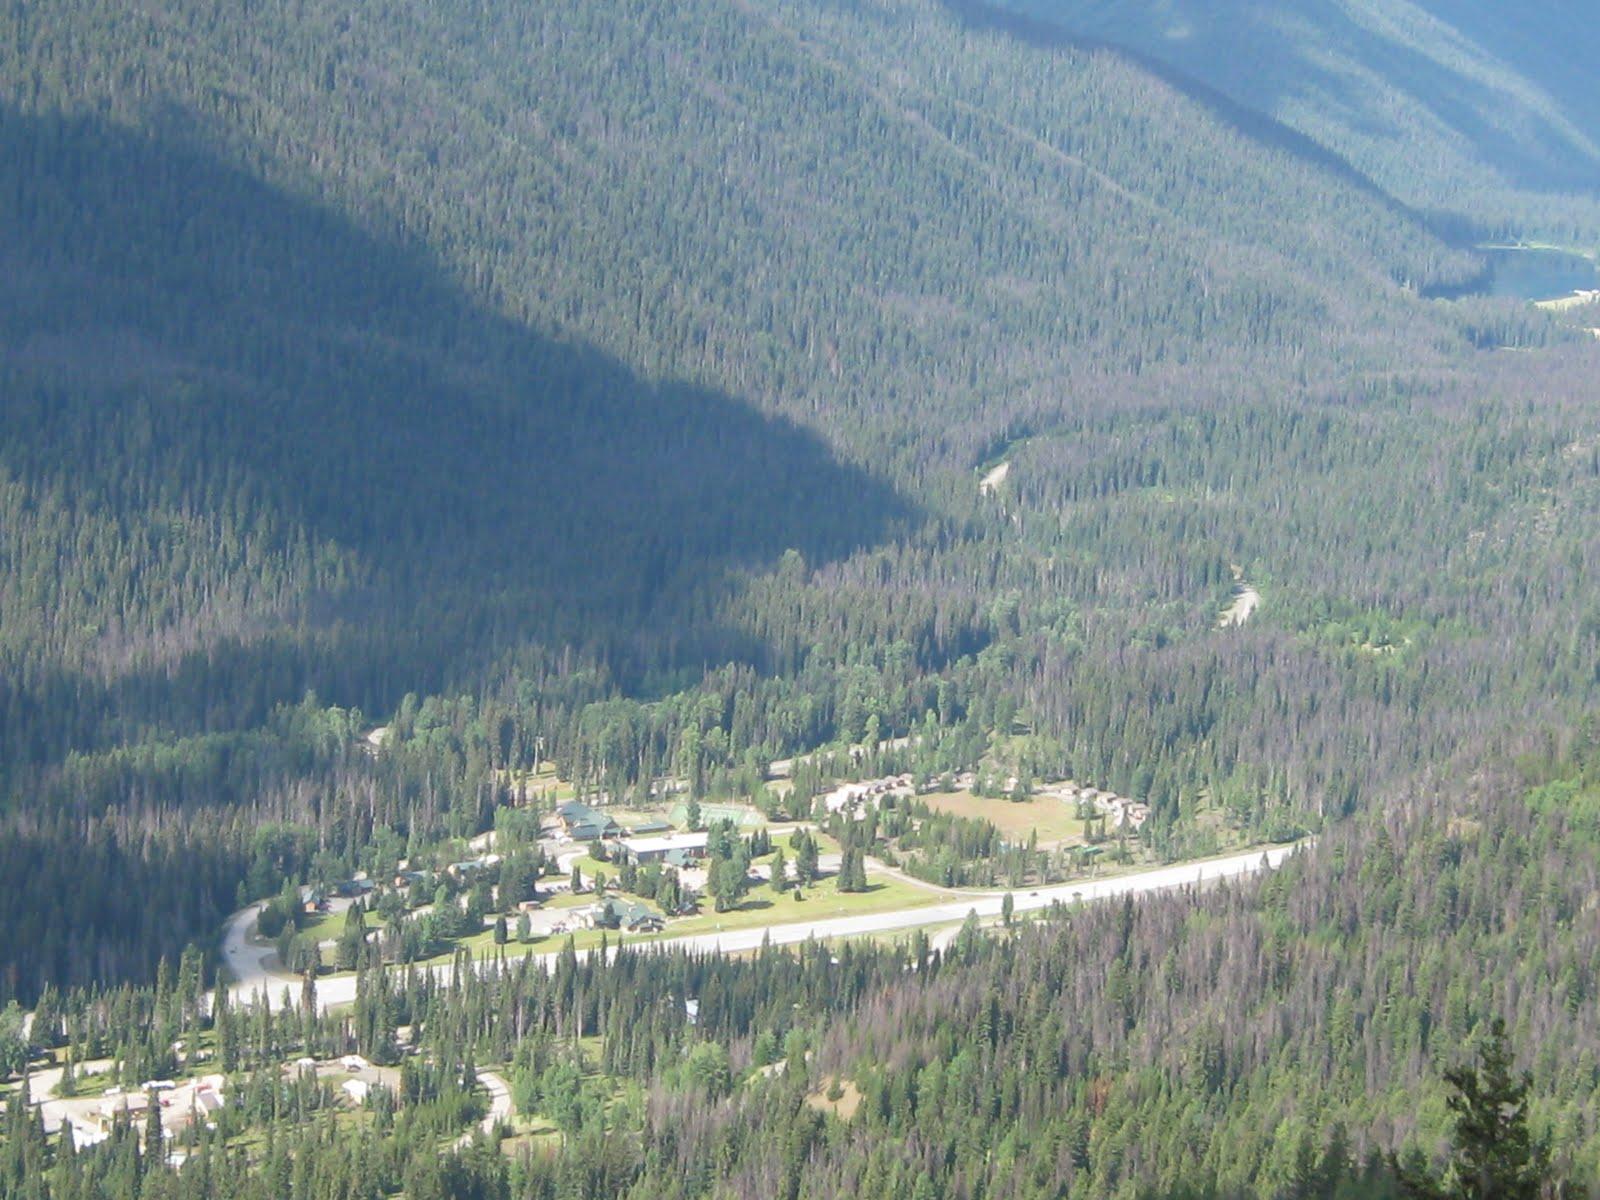 http://1.bp.blogspot.com/_OgDzgudS7U0/S-bK_fzPpPI/AAAAAAAAAI4/U3QYZY5L8pE/s1600/Rockies+July+2009006.jpg